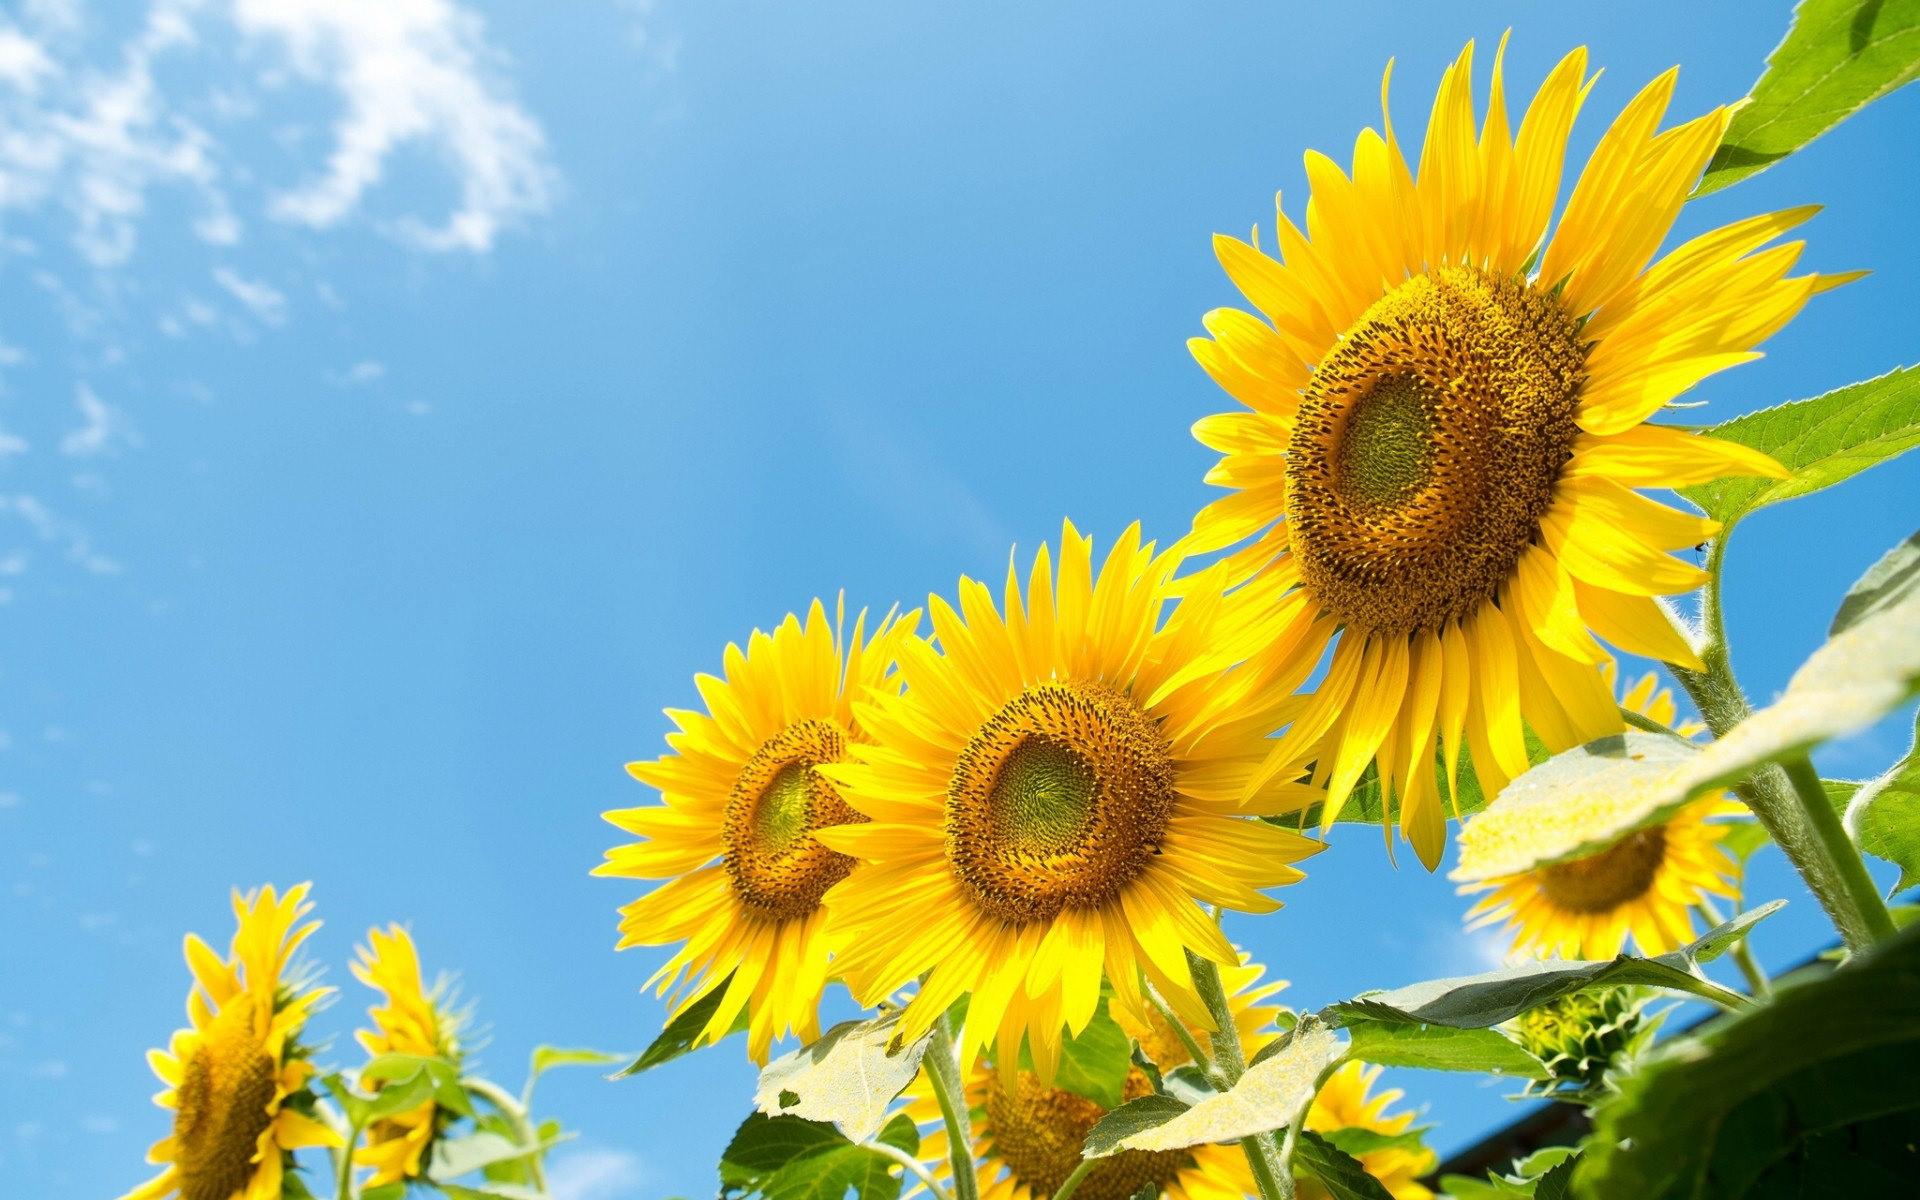 Hình nền hoa hướng dương khoe sắc rực rỡ